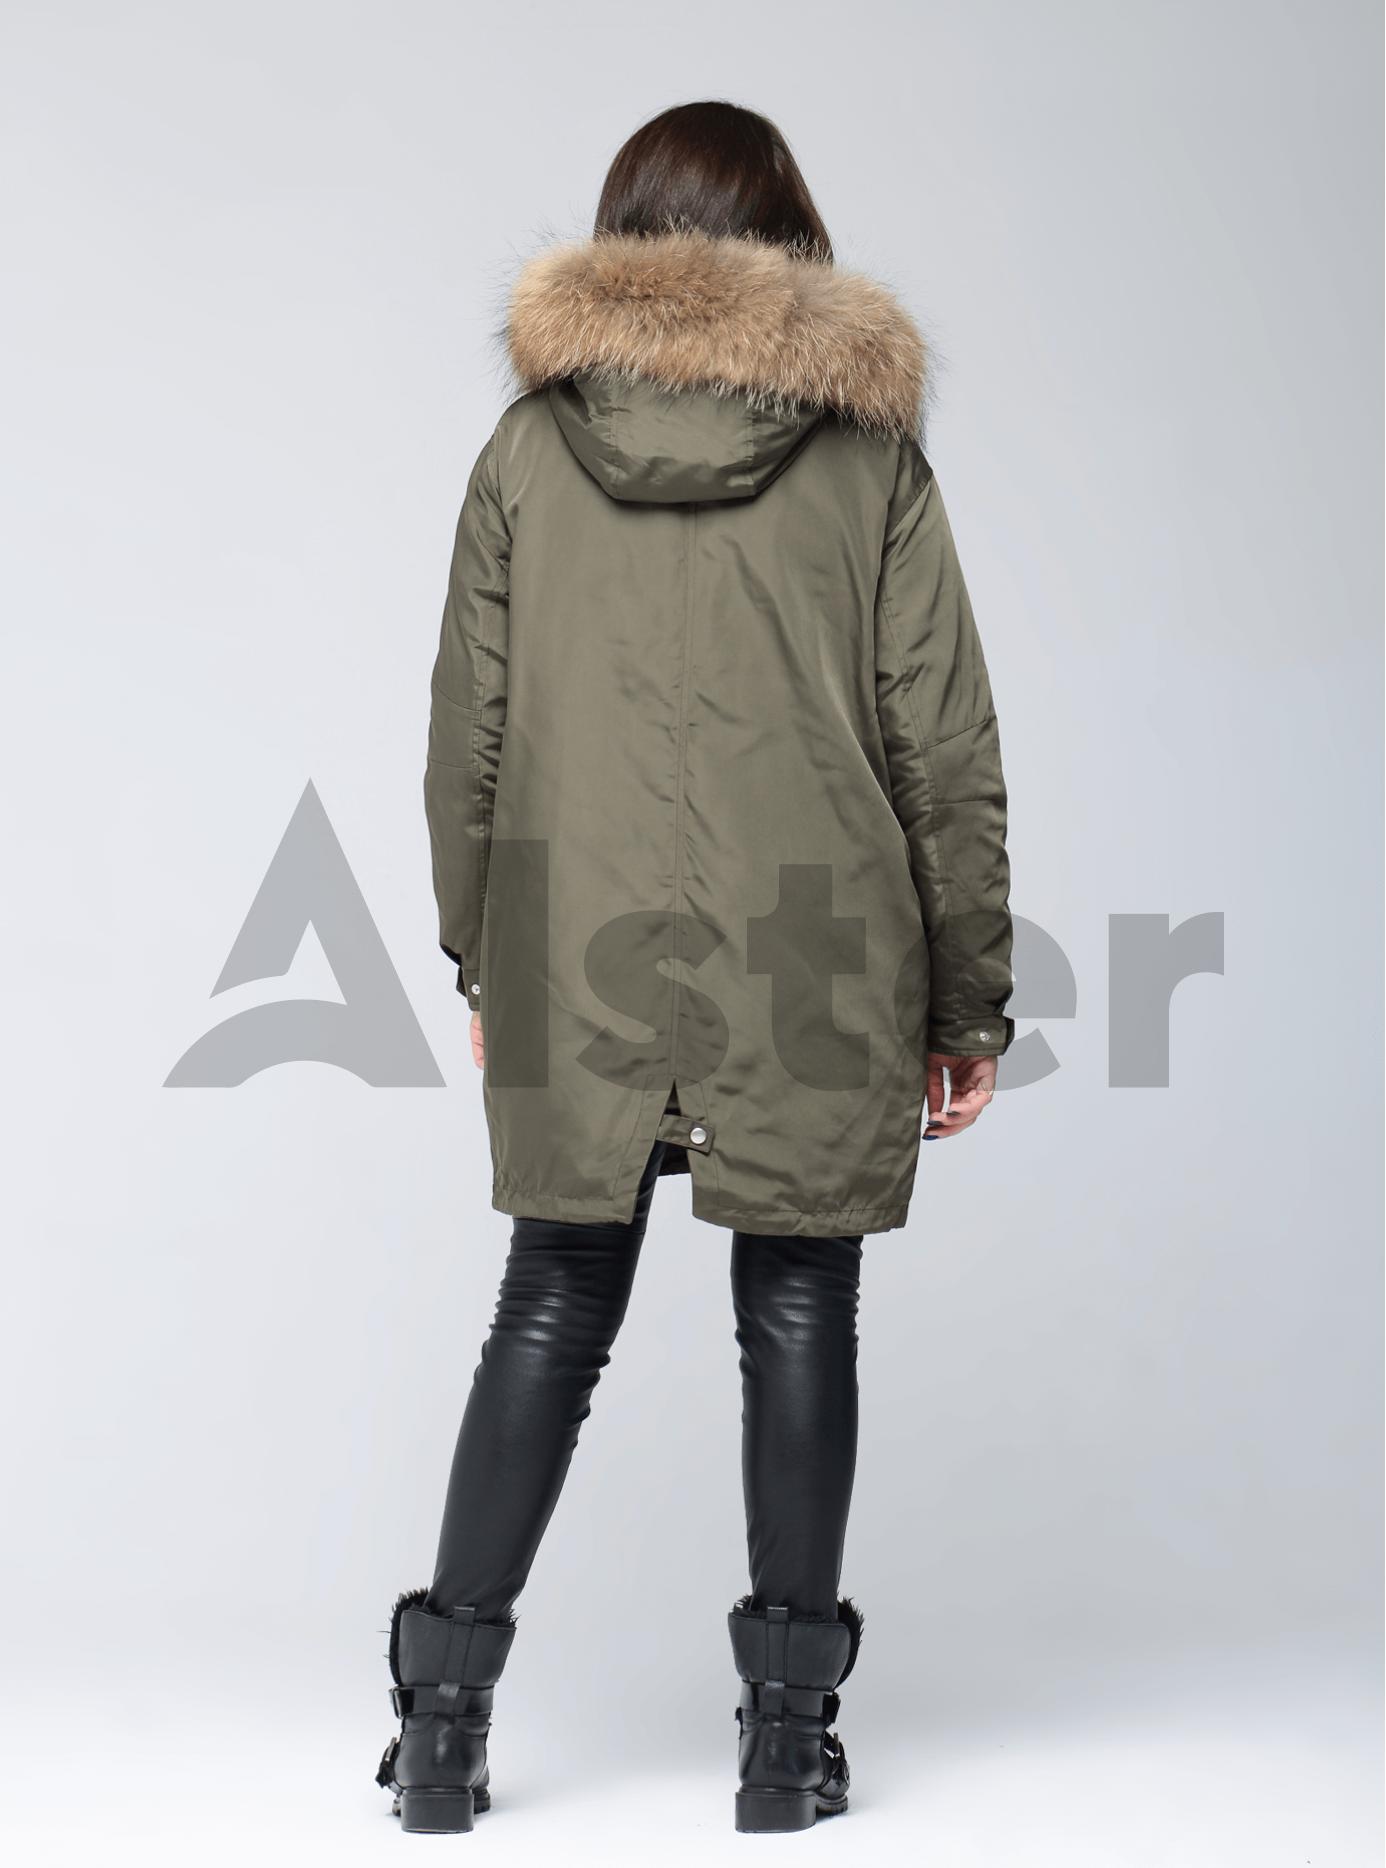 Куртка зимняя длинная двойная с мехом енота Хаки L (05-V191263): фото - Alster.ua